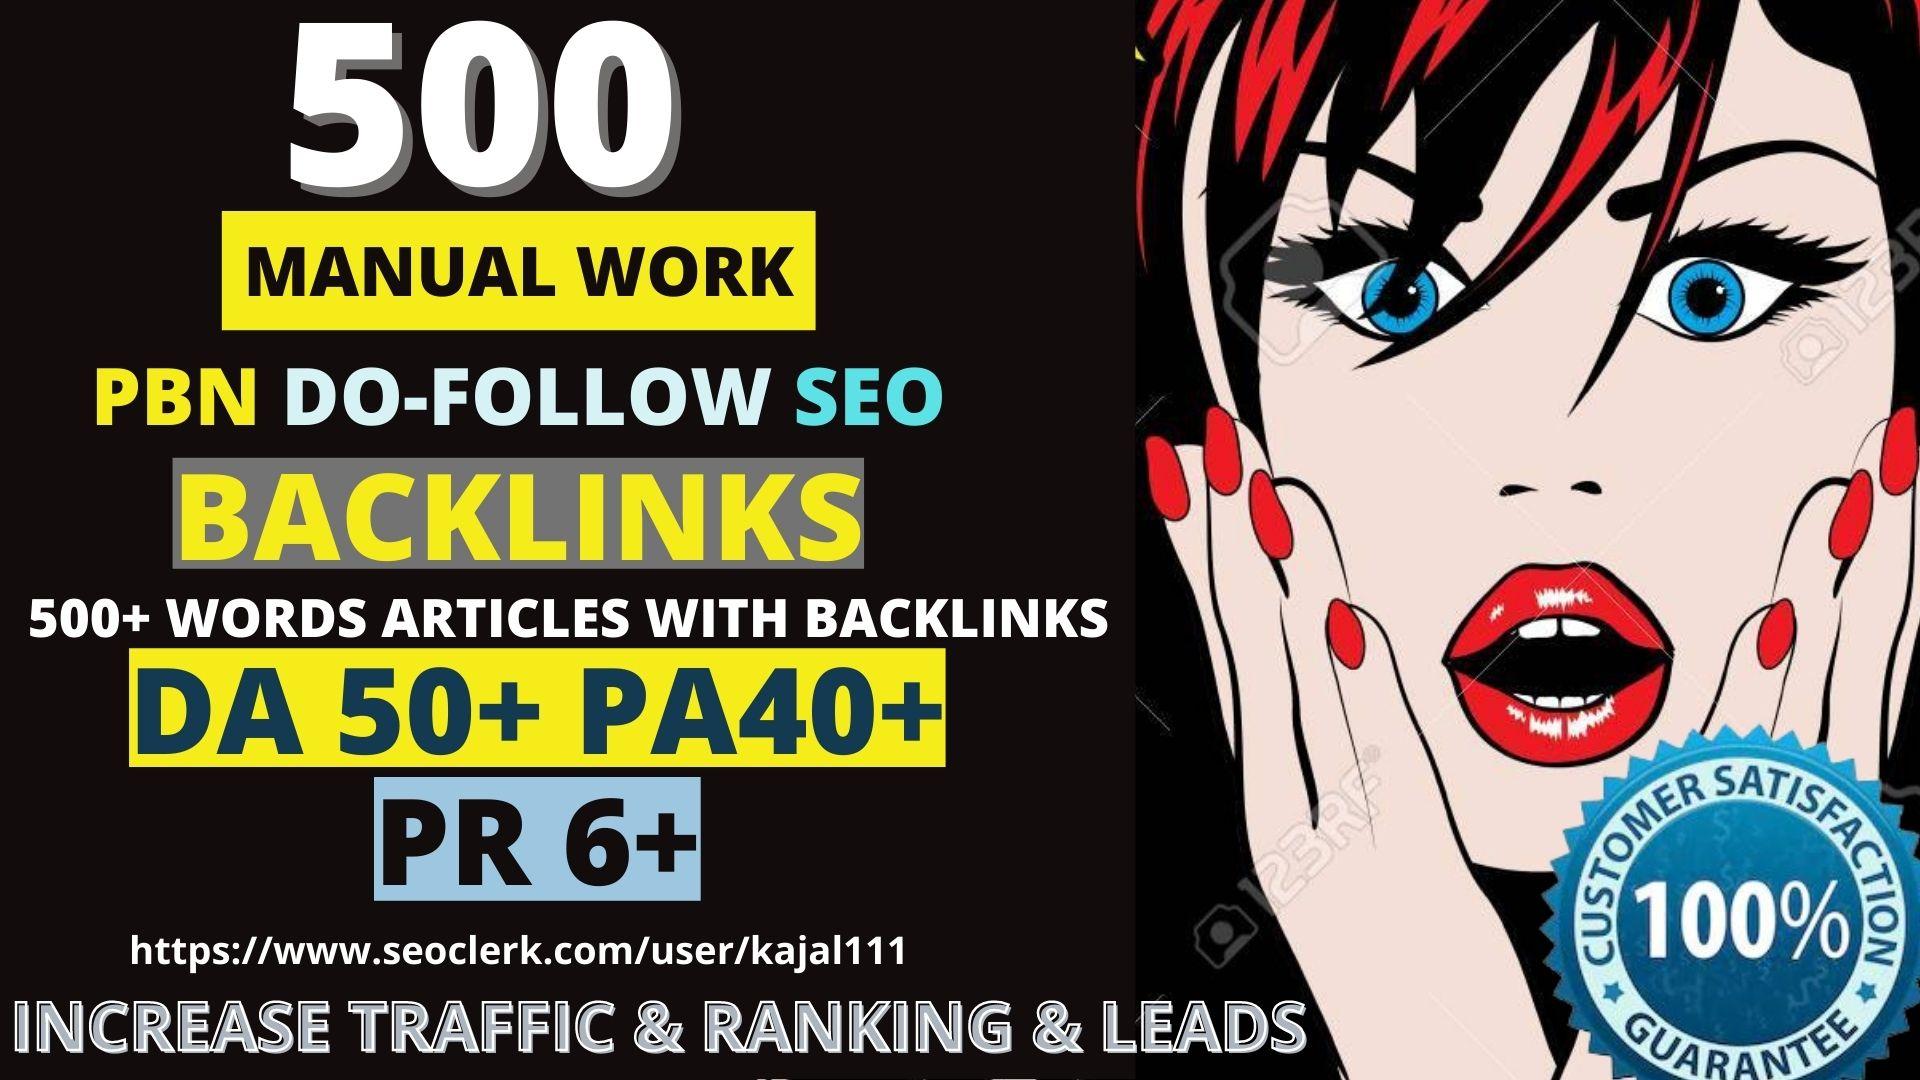 Get permanent PBN 500 Unique Sites DA 50+ PA 40+ PR 6+ Web 2.0 homepage unique site